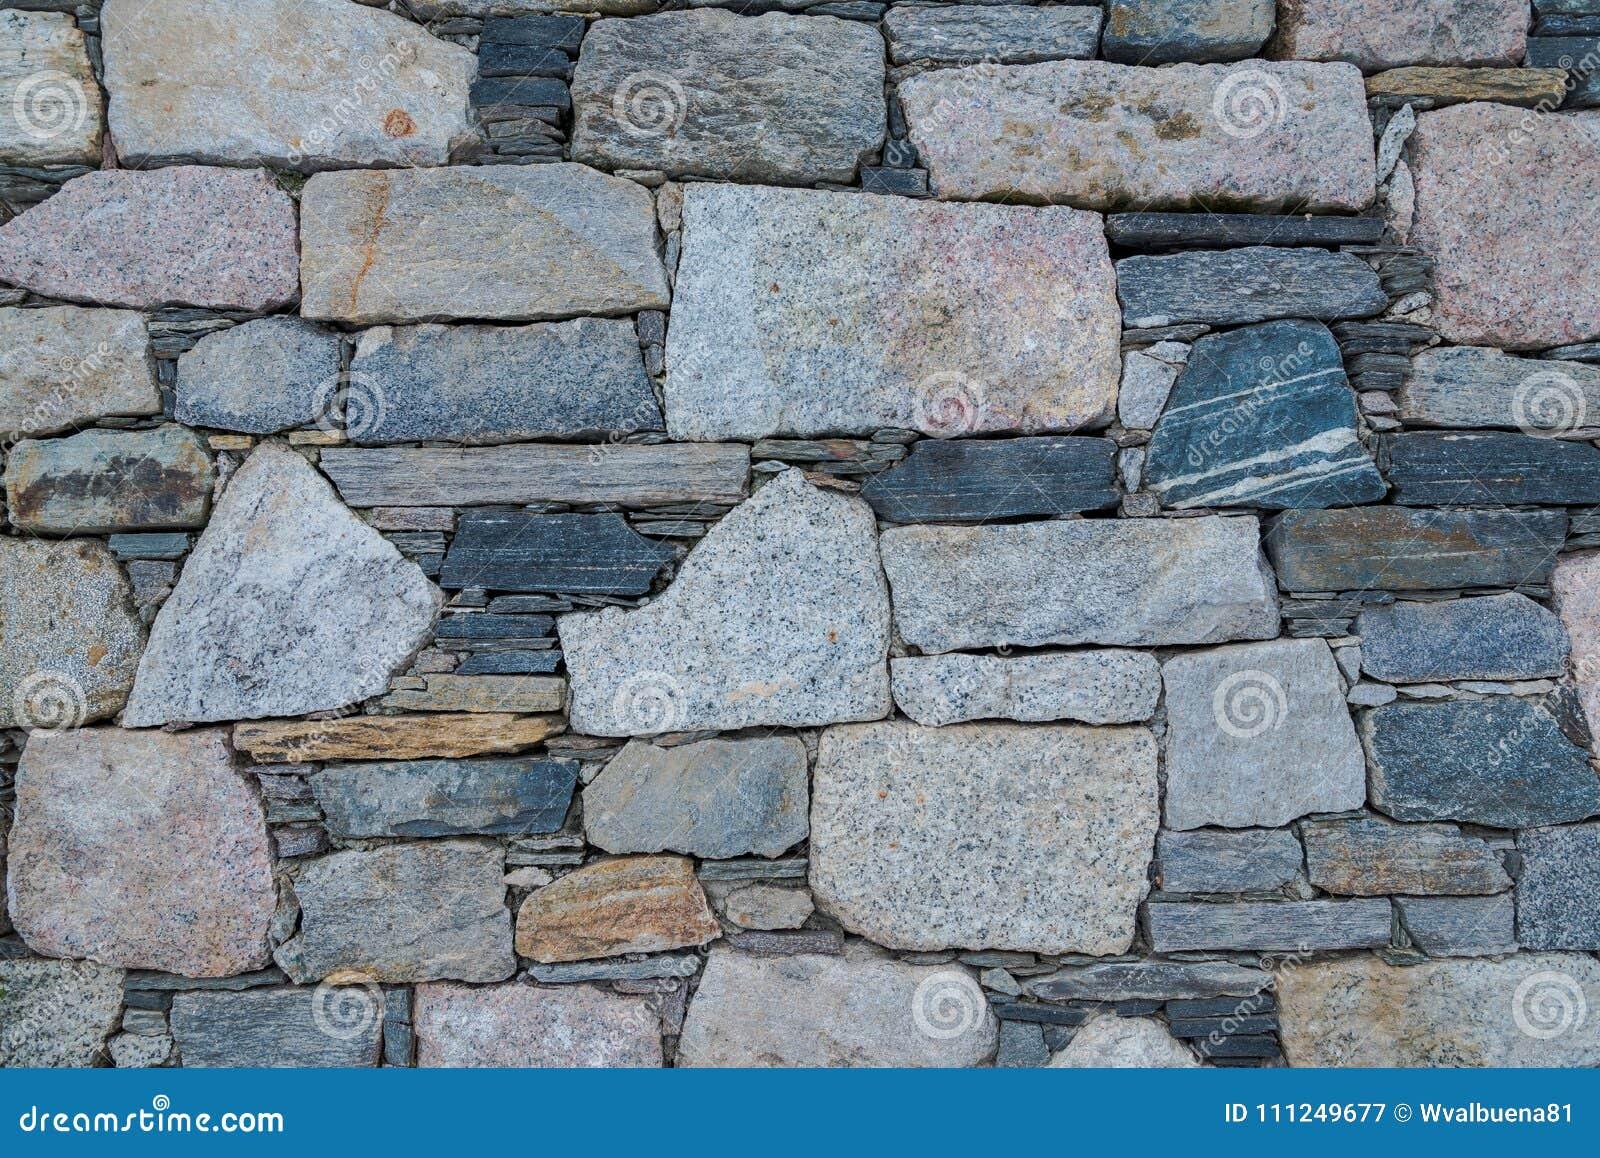 Dettagli di una parete fatta dalle vecchie pietre